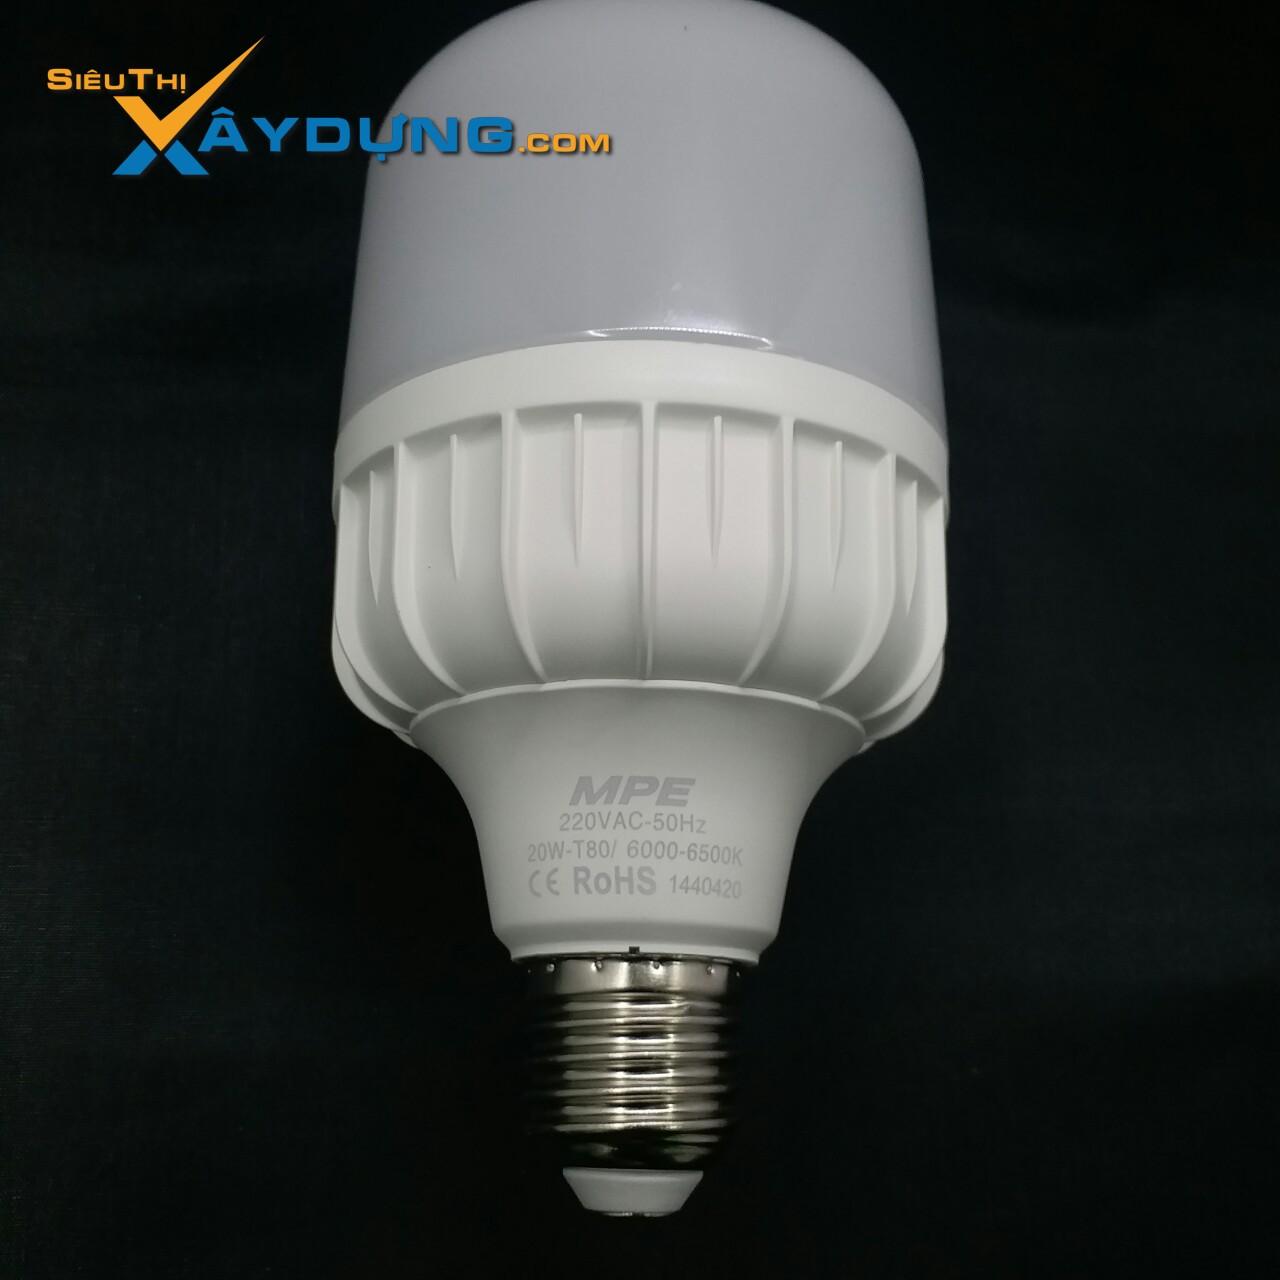 Đèn led bulb 20w ánh sáng trắng LBD-20T Mpe, đường kính bóng đèn 152mm, đường kính đui đèn 80mm, thân nhựa MPE